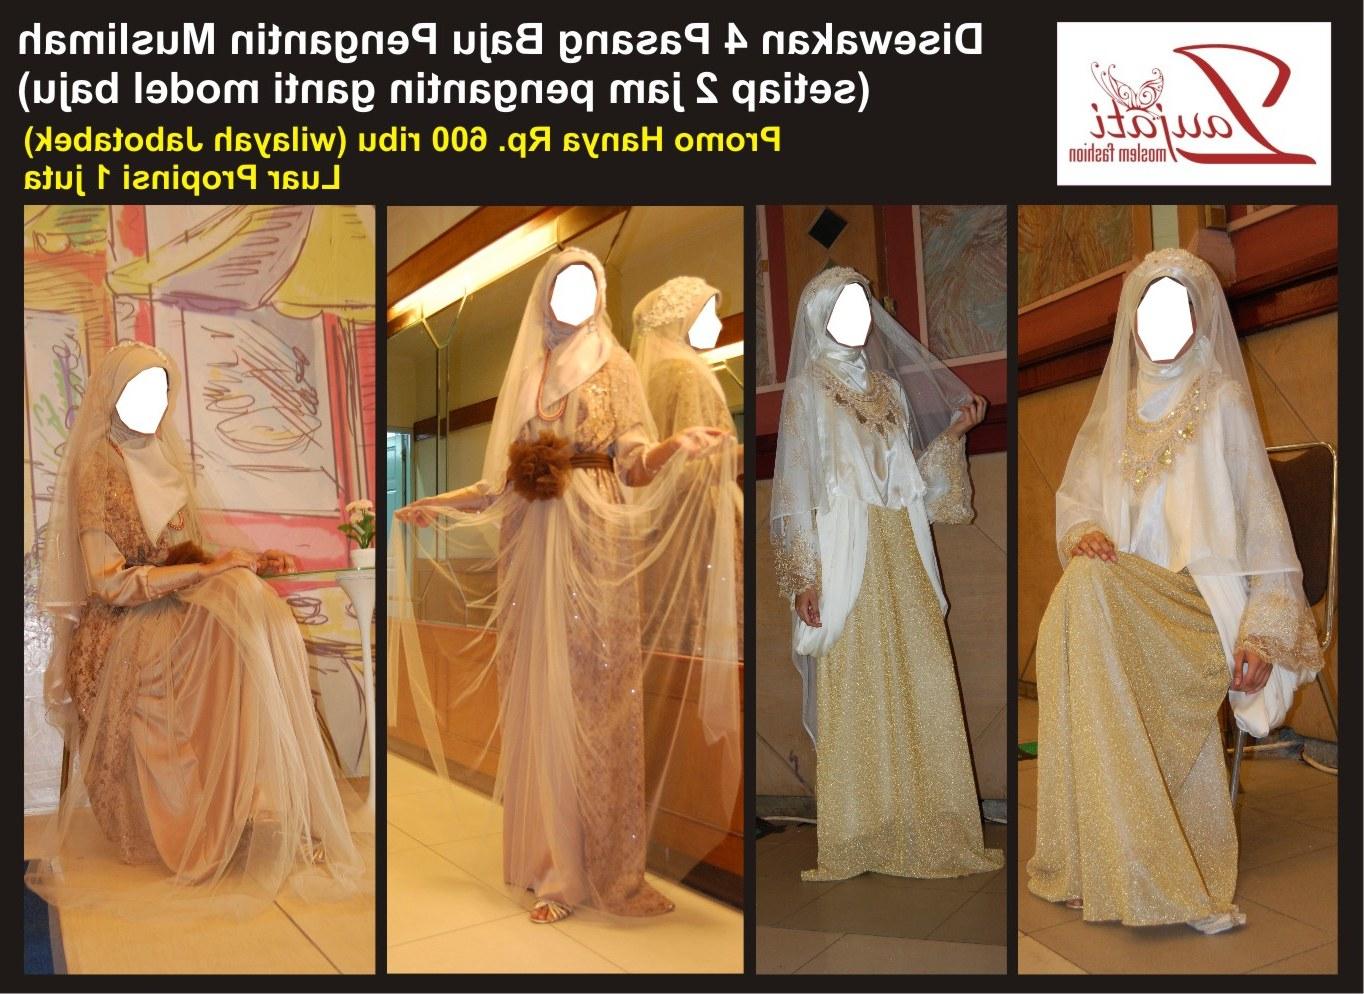 Ide Sewa Baju Pengantin Muslimah Syar'i E6d5 Sewa Kebaya Pengantin Jawa Yokodwi